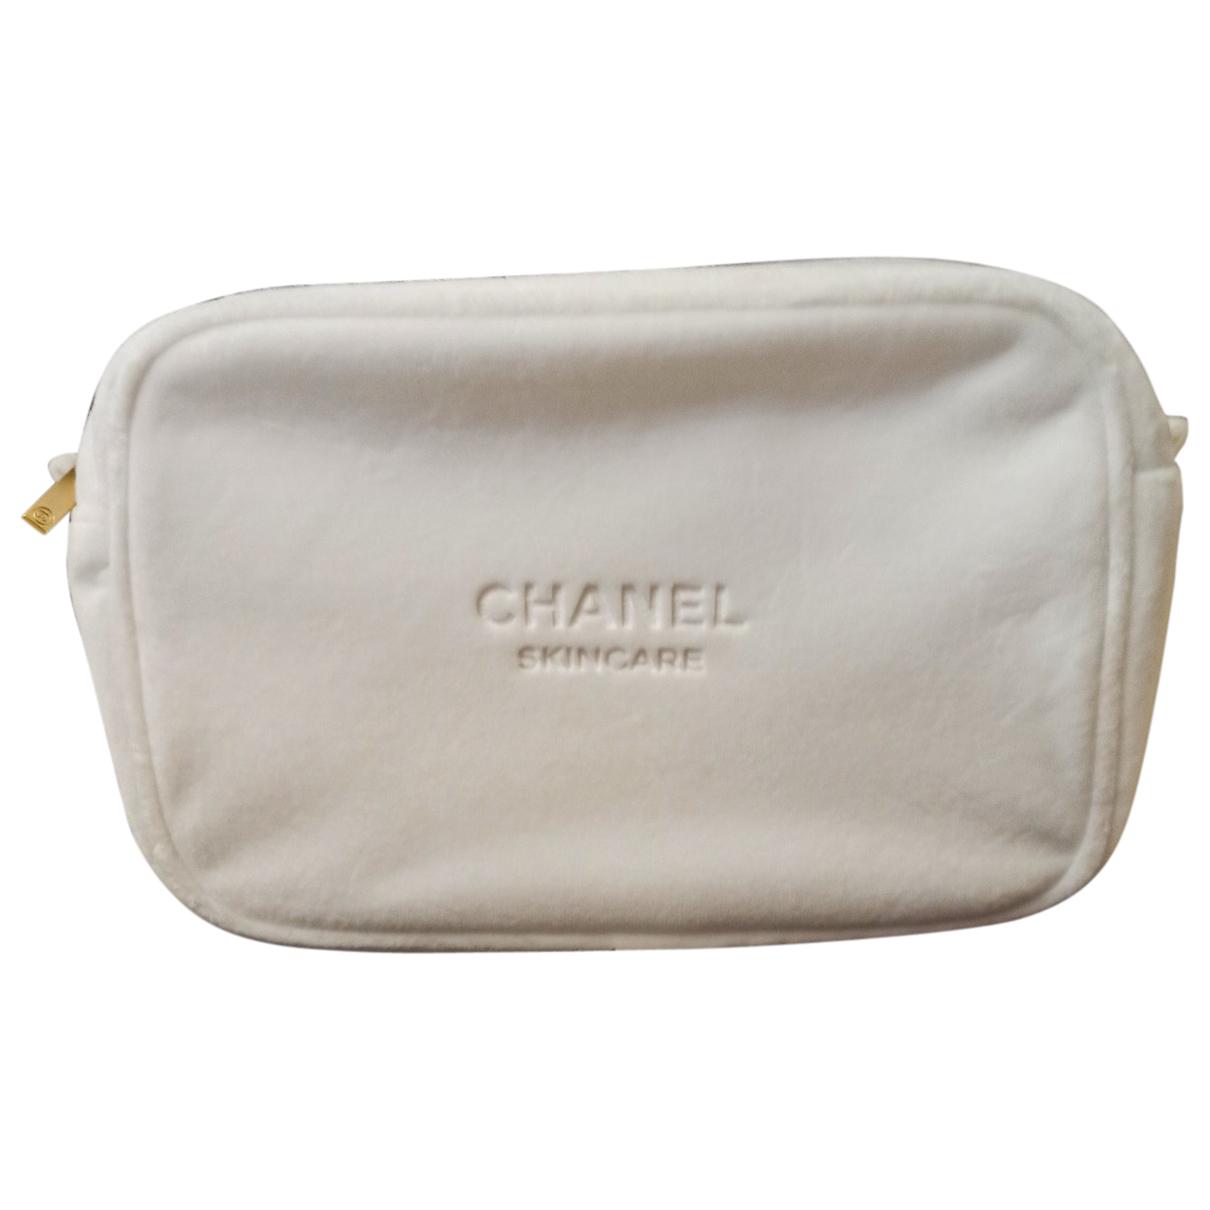 Chanel - Sac de voyage   pour femme - blanc